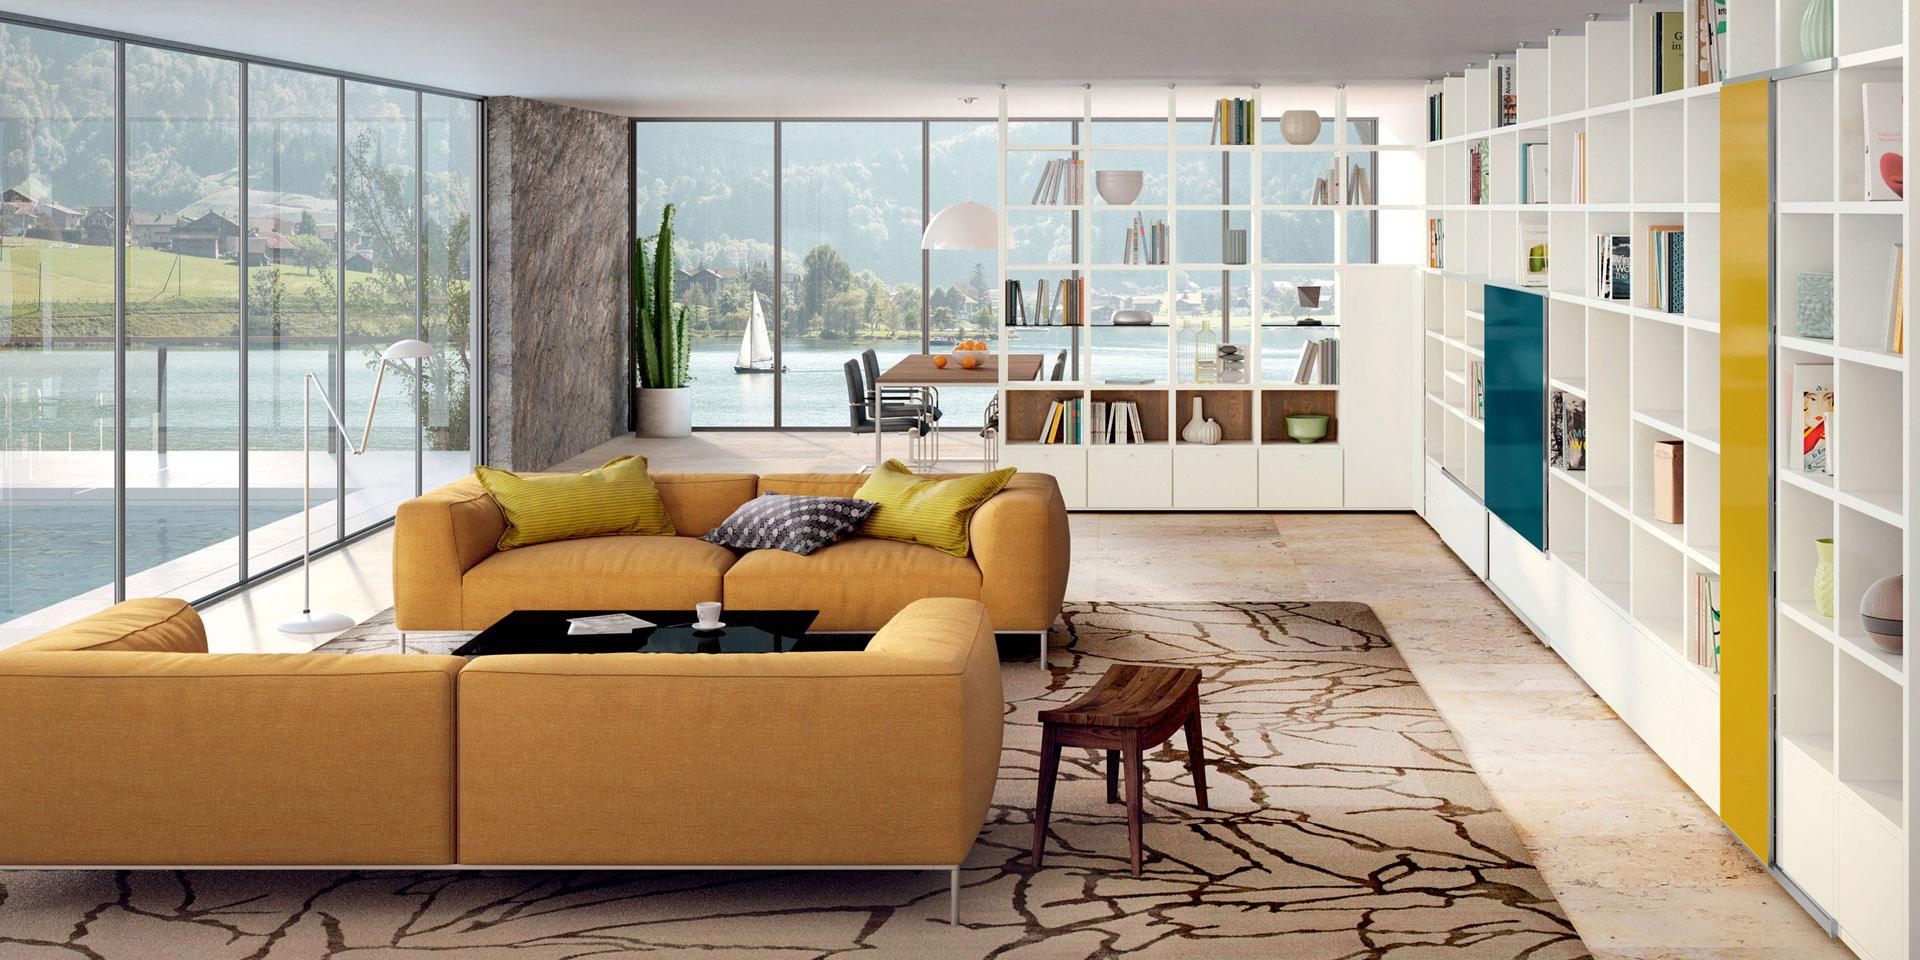 h lsta bei fenchel wohnfaszination gmbh. Black Bedroom Furniture Sets. Home Design Ideas